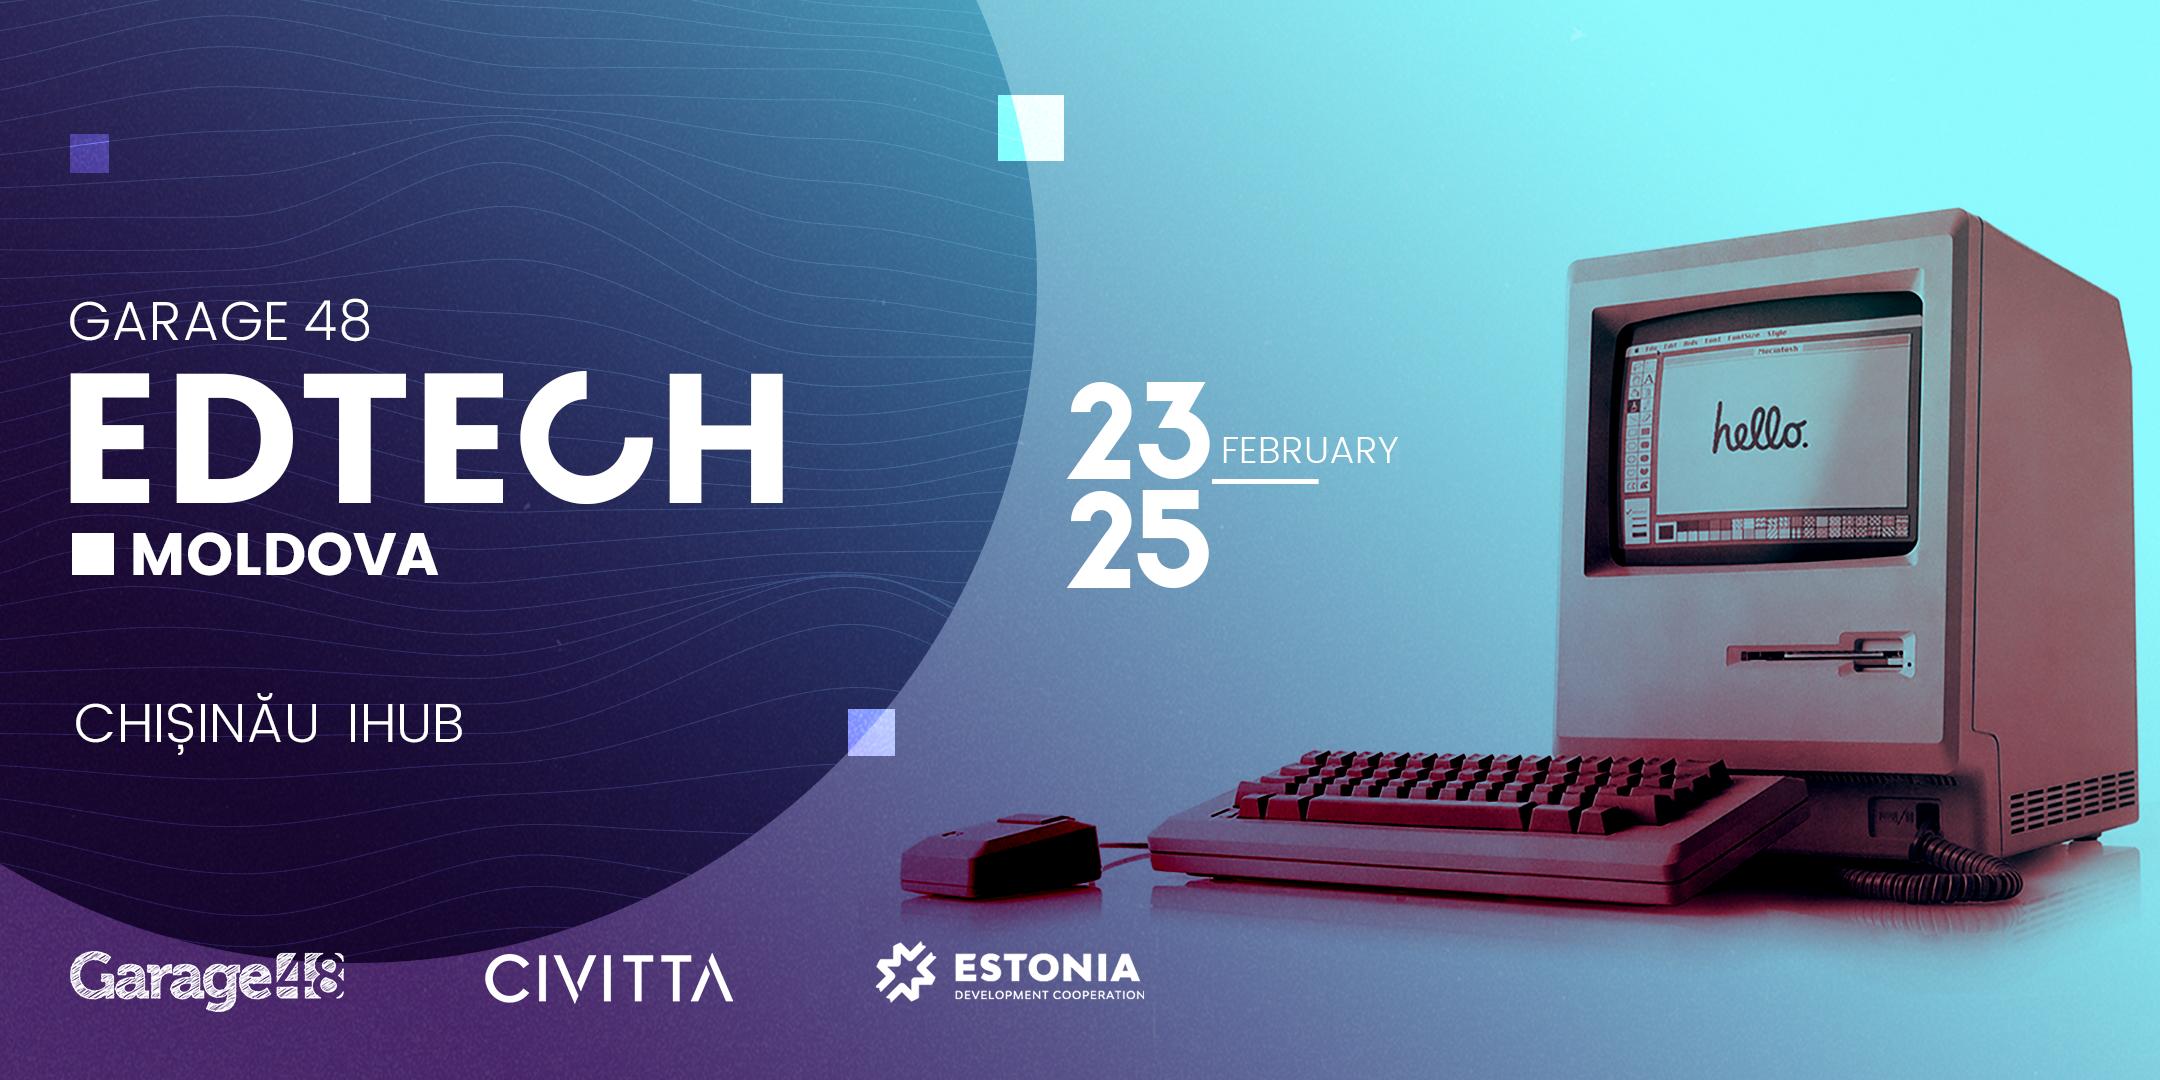 Garage48 Edtech 2018 hackathon in Chișinău